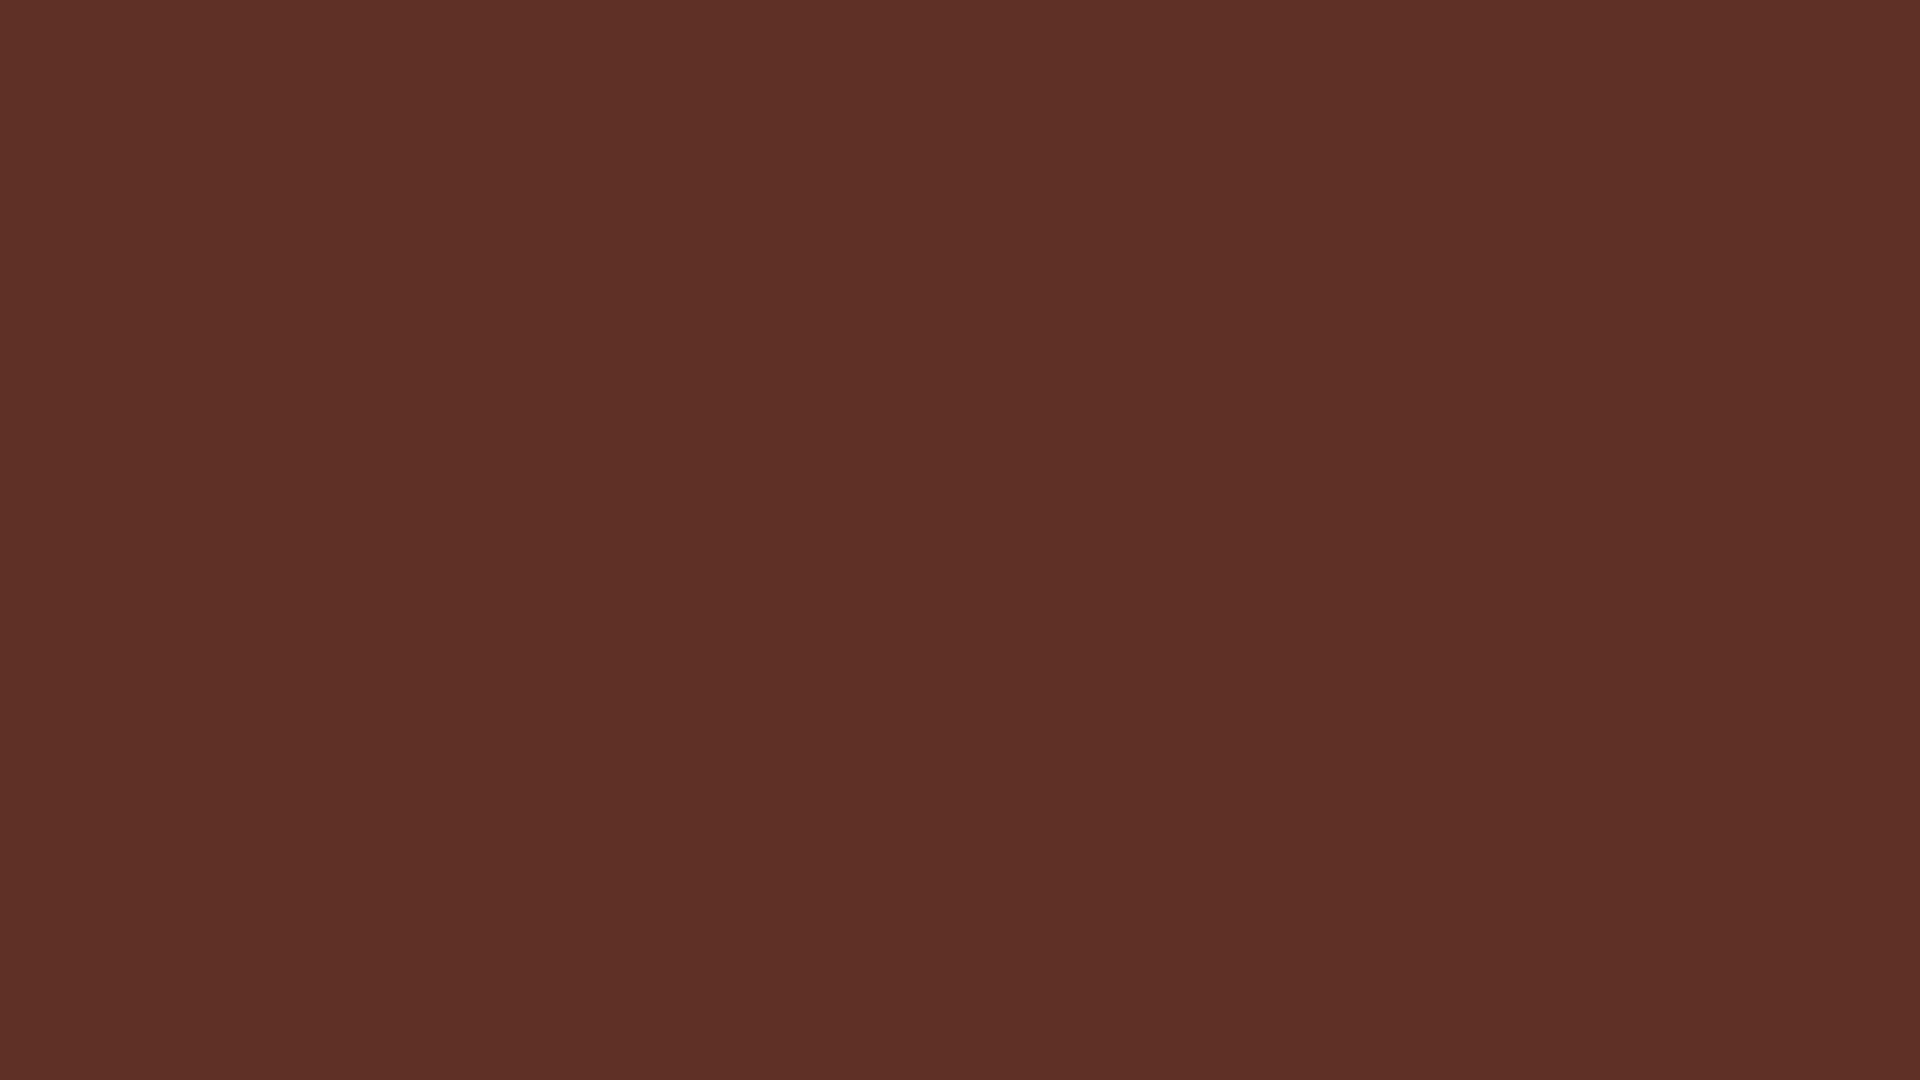 SMS Deurtechniek - RAL 8015 - kastanjebruin